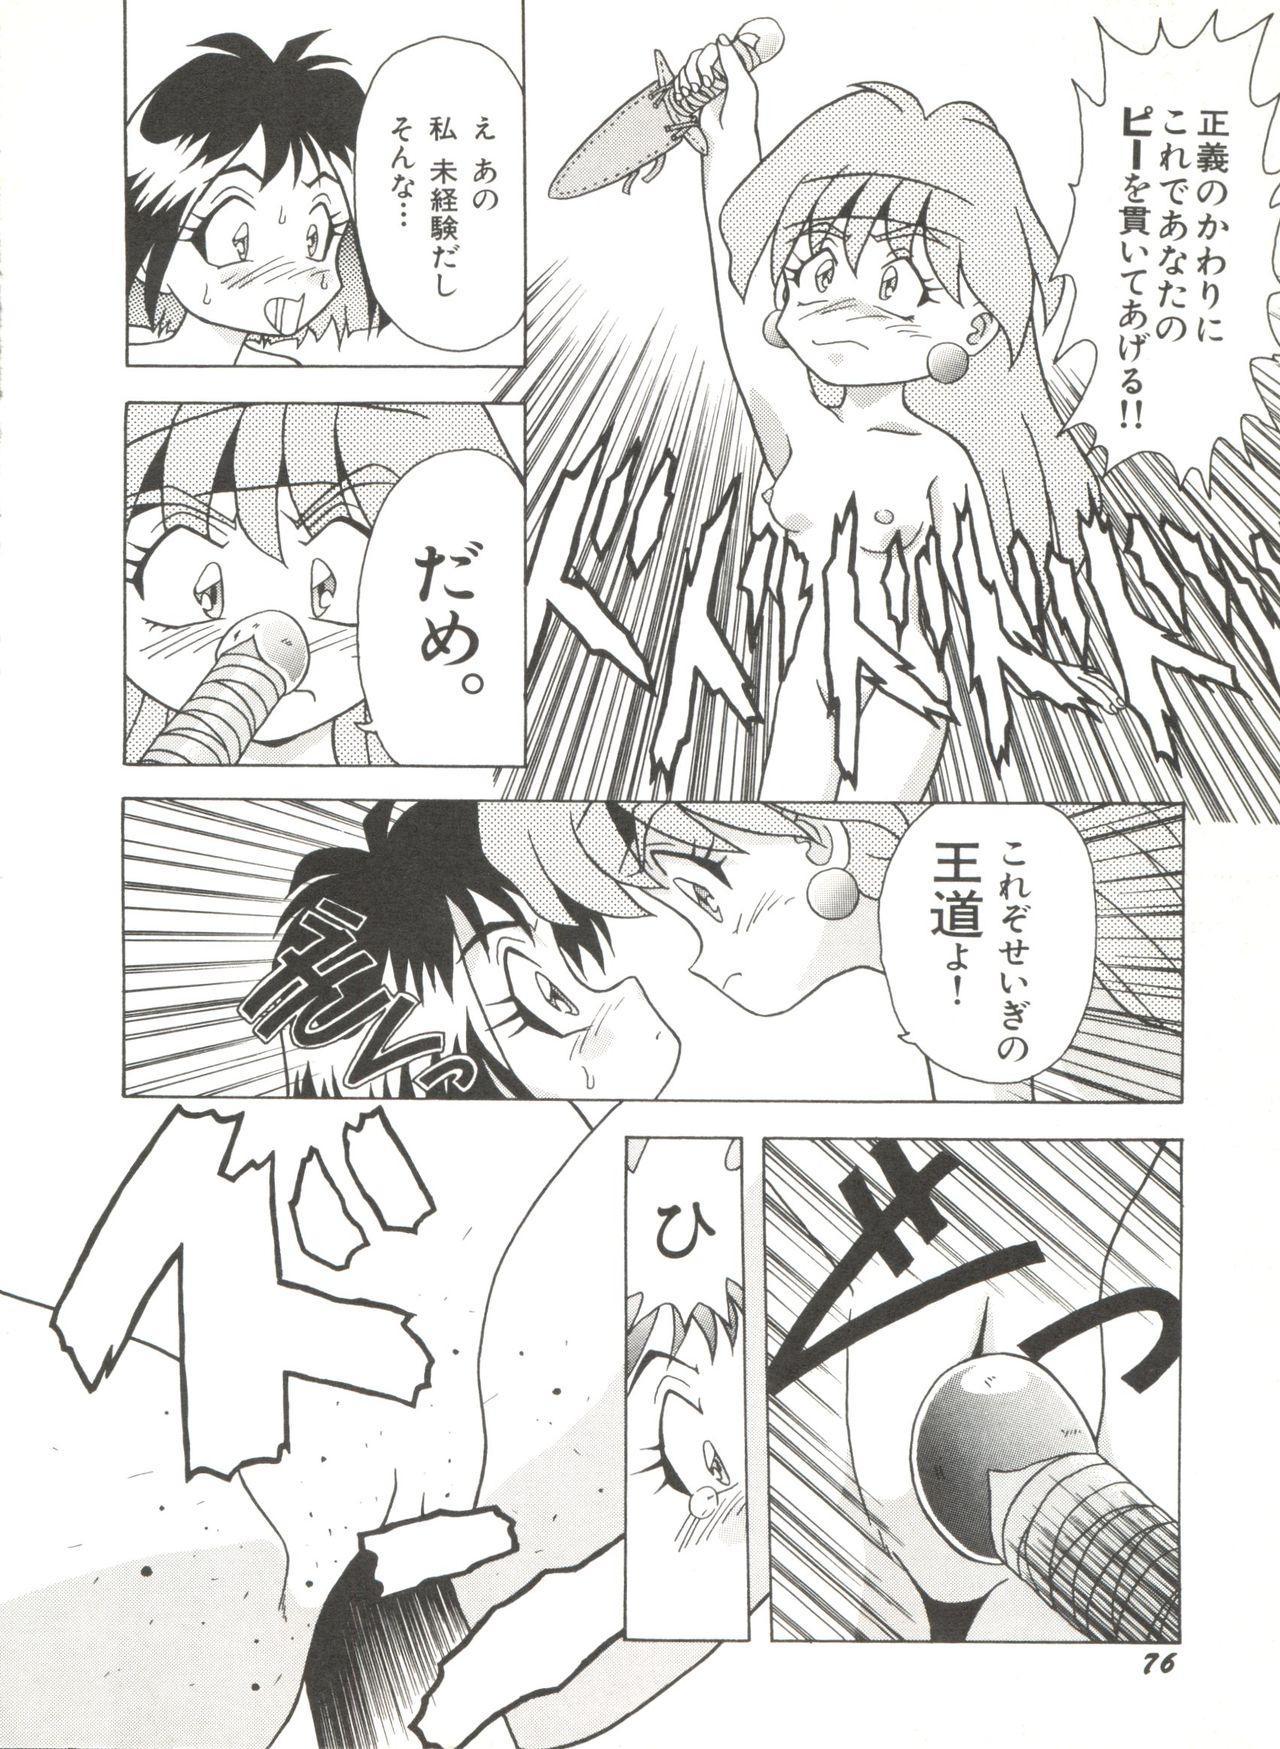 Bishoujo Doujinshi Anthology 6 79